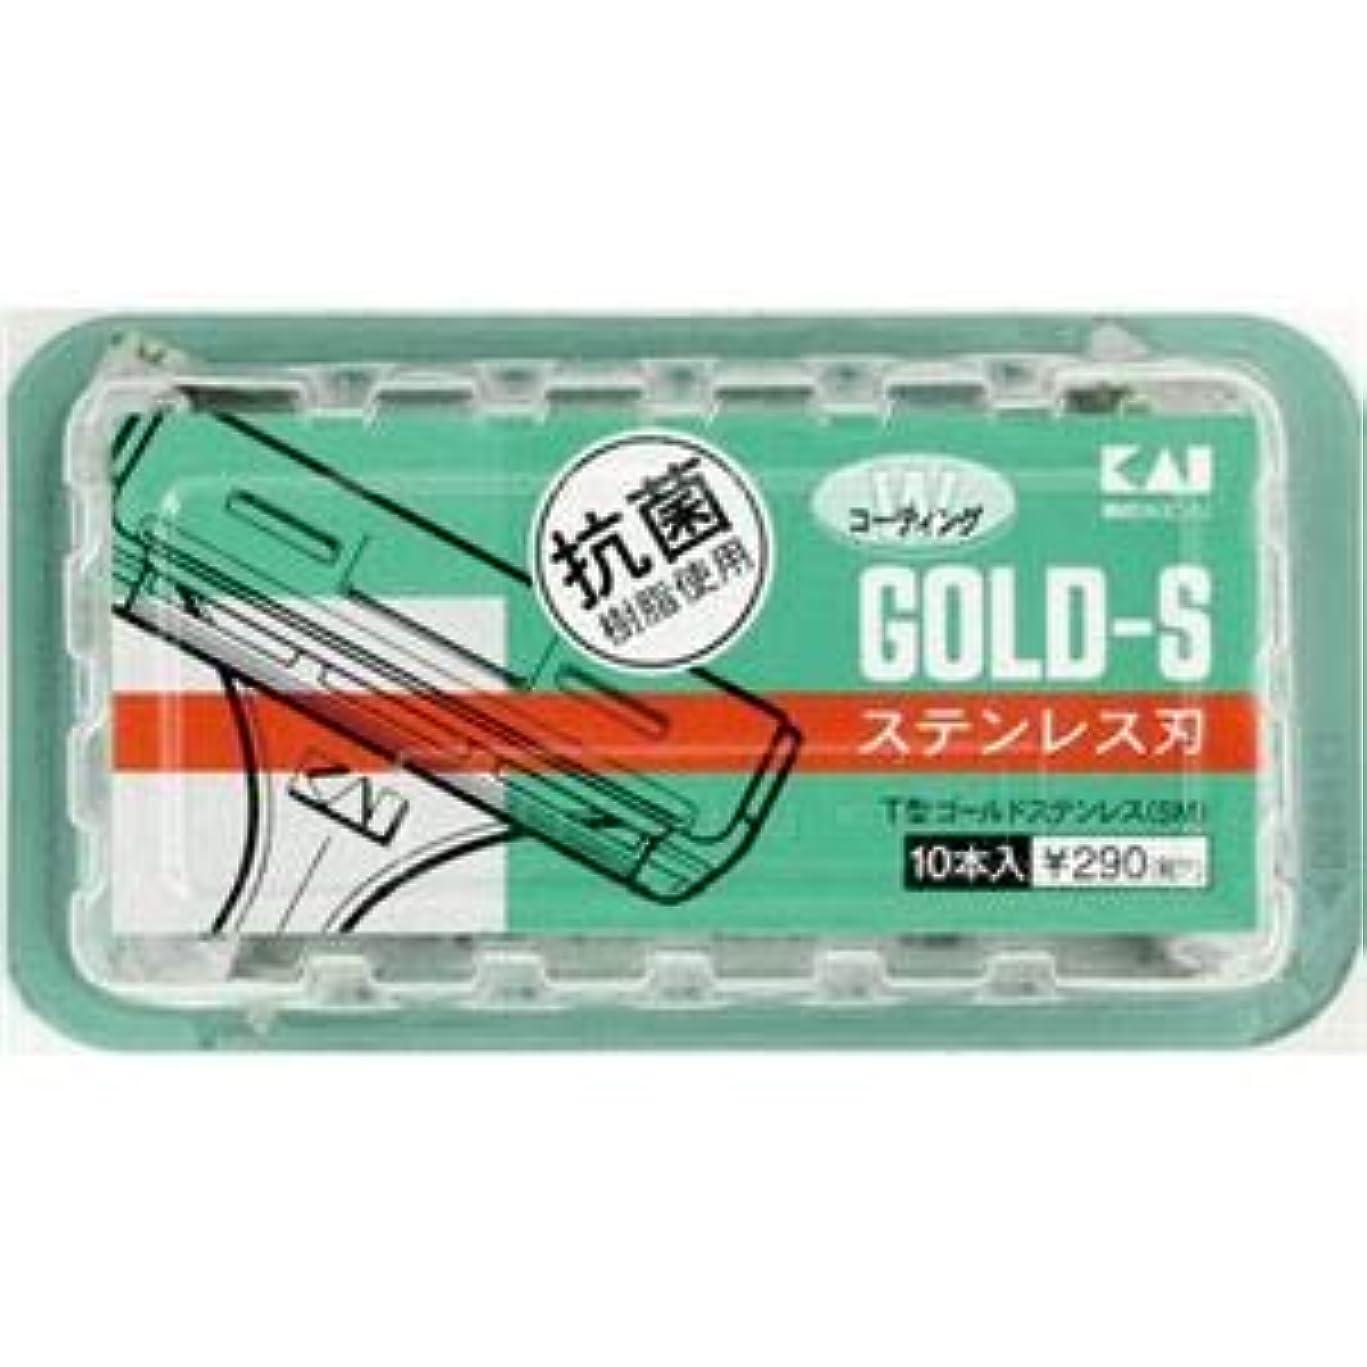 曲大事にする類推(業務用20セット) 貝印 T型ゴールドステンレスSM10本